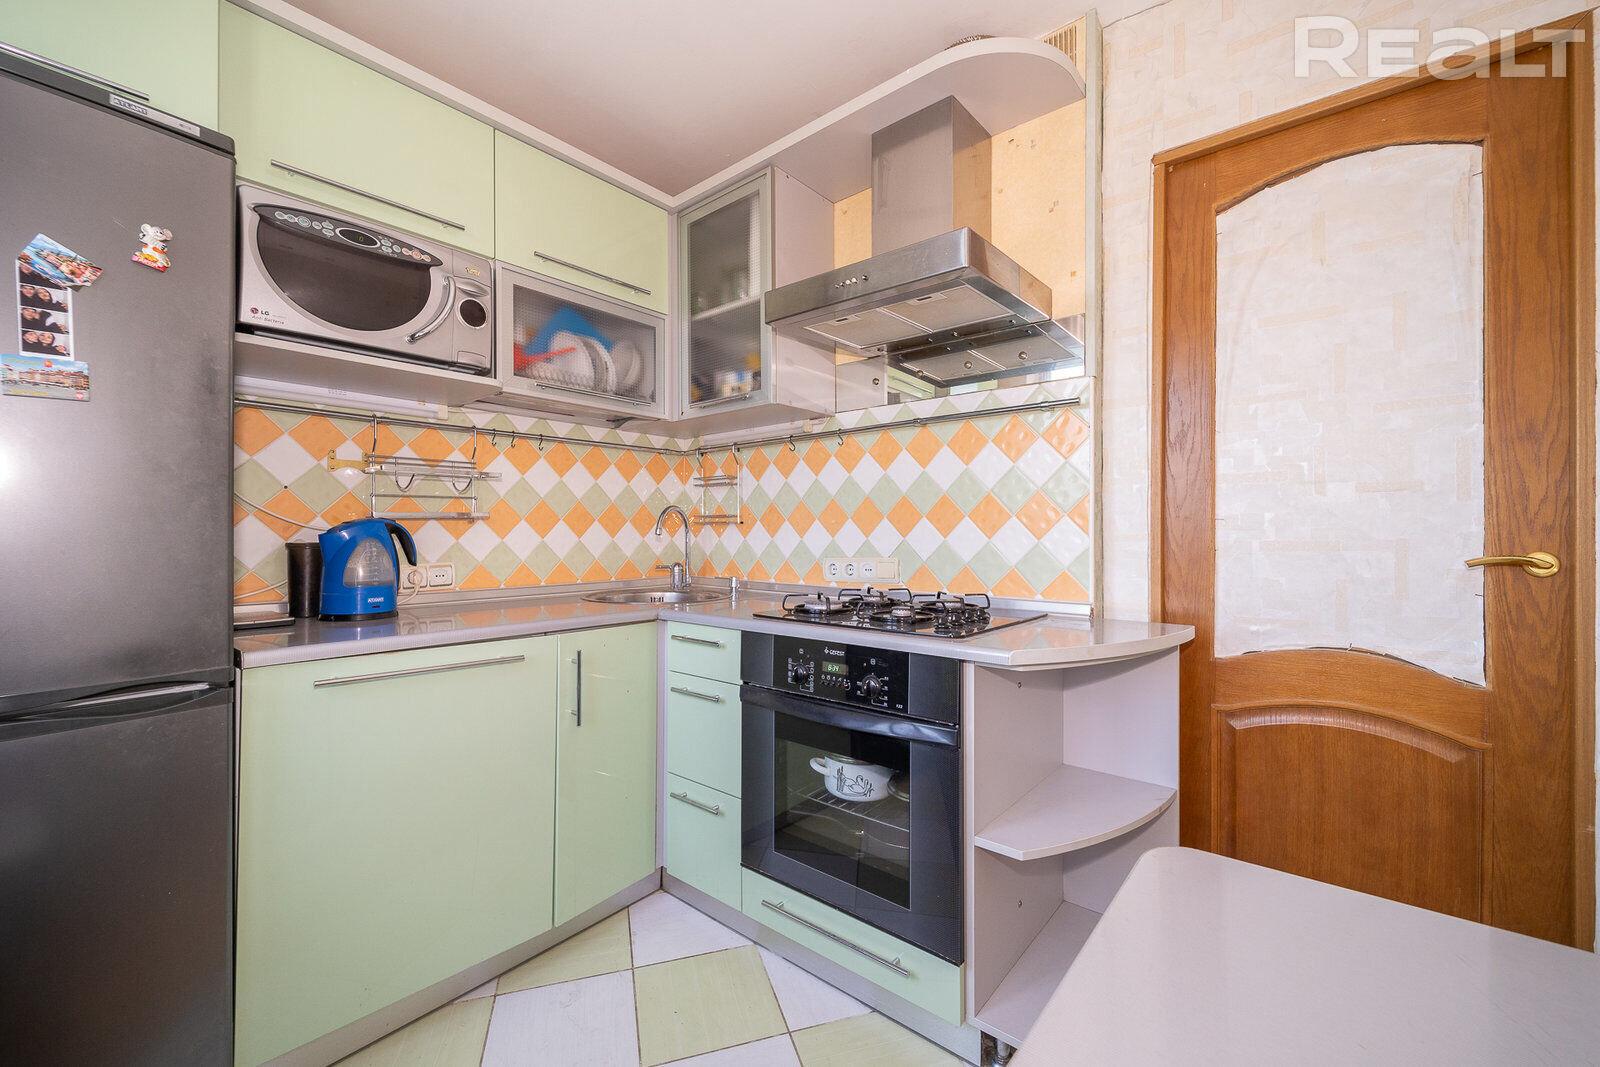 1к квартира на у метро Парк Челюскинцев полностью готова к проживанию.